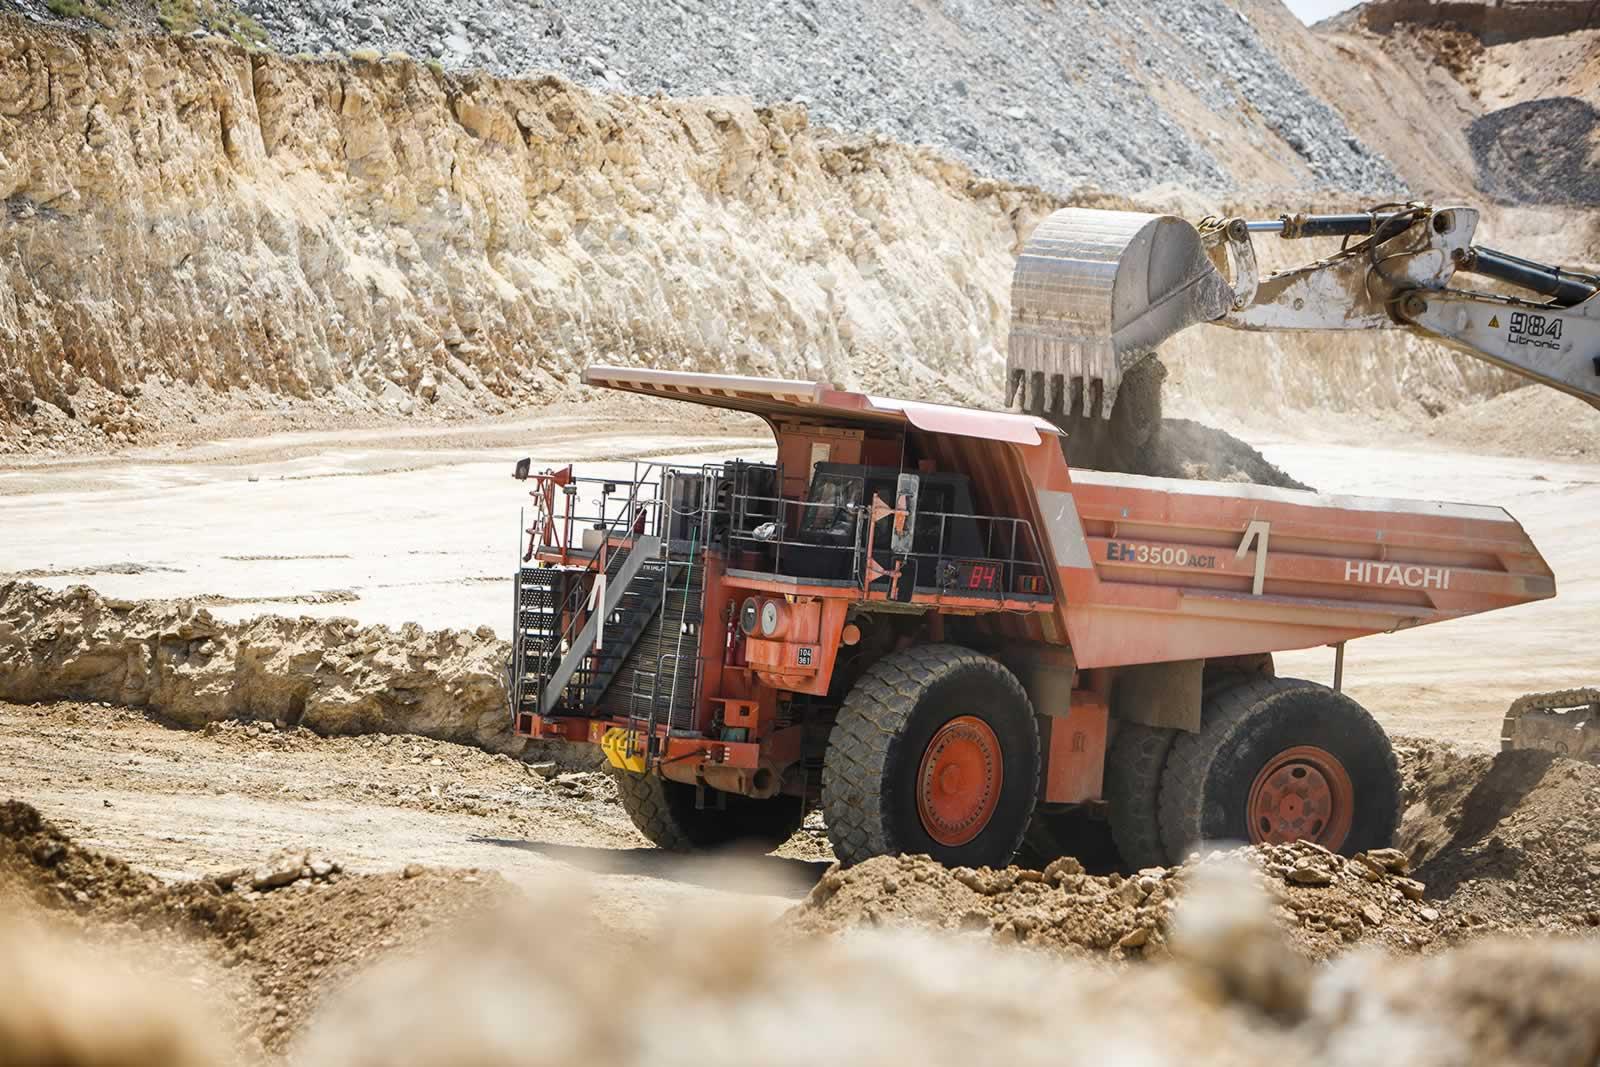 Tombereau Hitachi dans la mine de phosphate